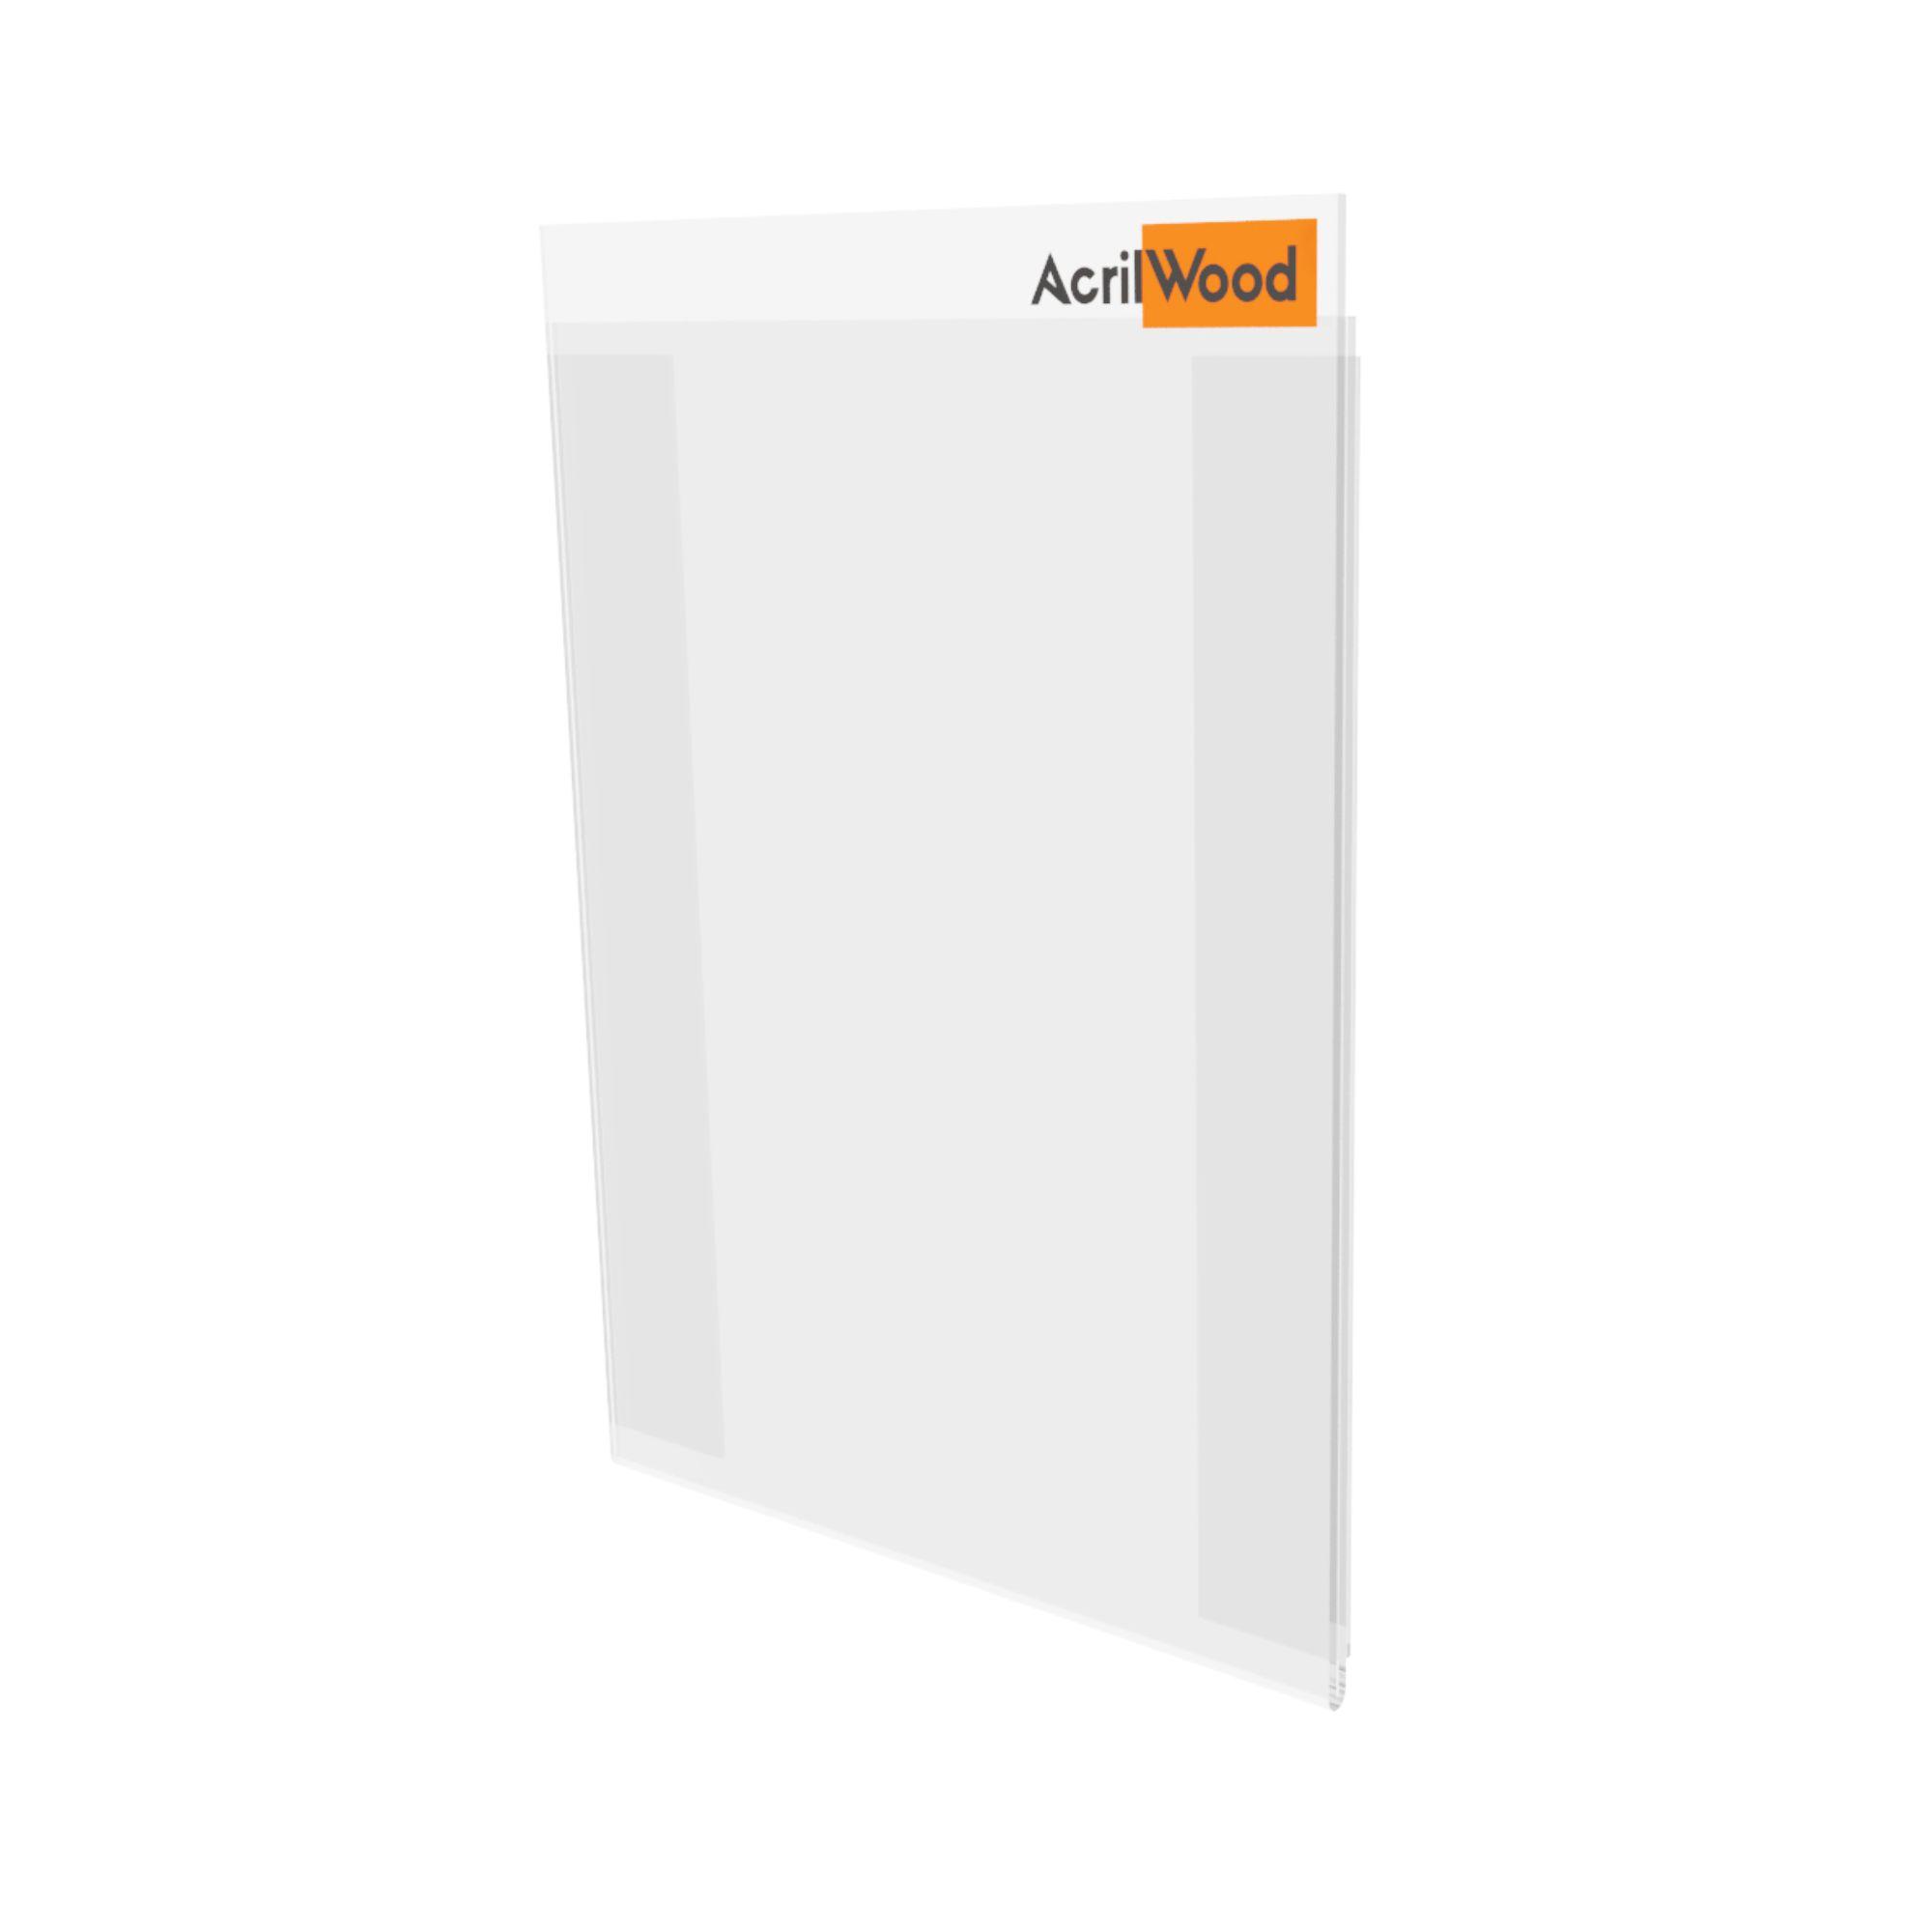 Display De Parede Em Acrílico Formato A5 Vertical Com Fundo